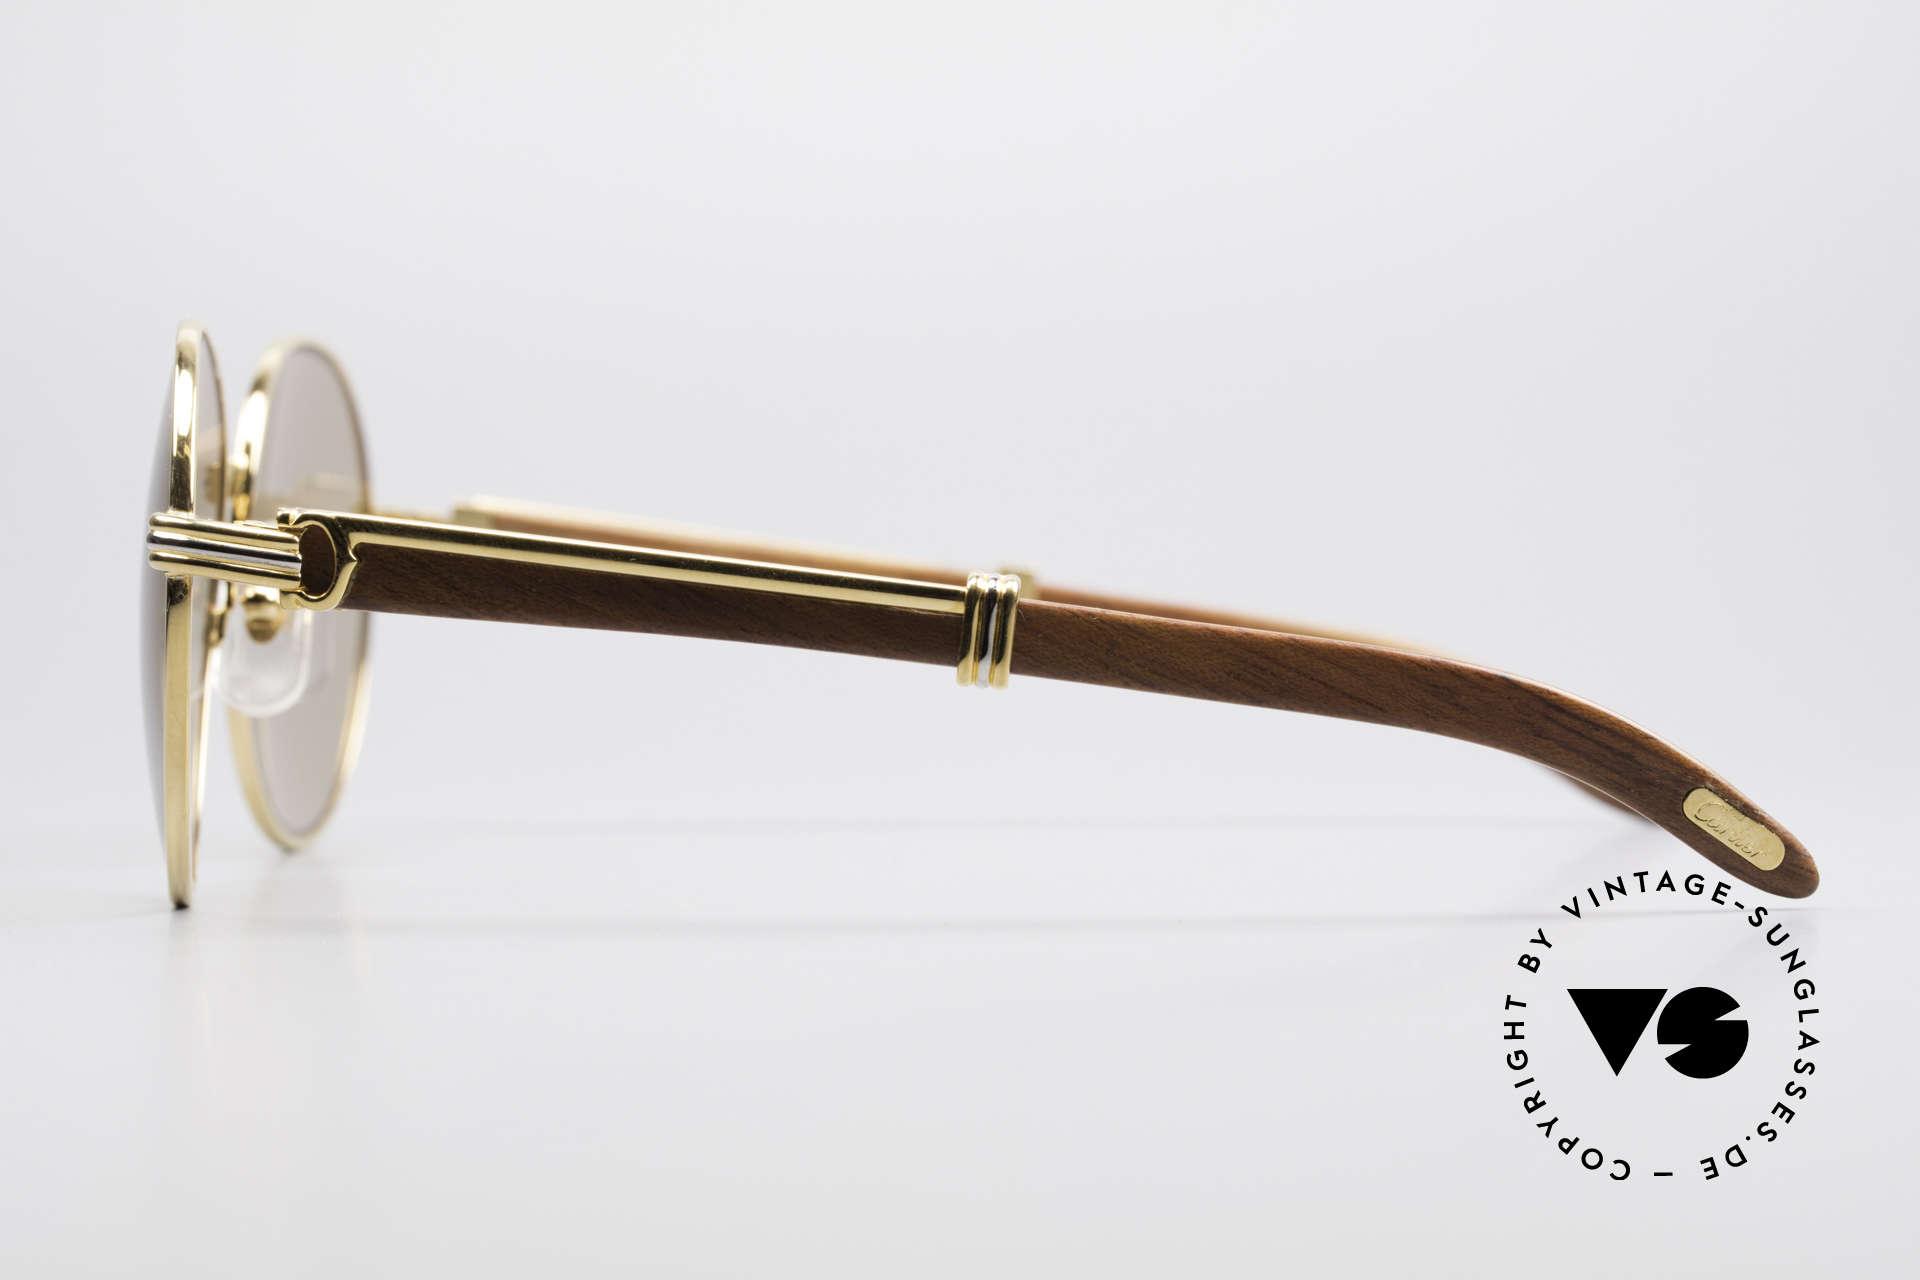 Cartier Bagatelle Bubinga Edelholz Sonnenbrille, ungetragenes Einzelstück inkl. Cartier Verpackung, Passend für Herren und Damen